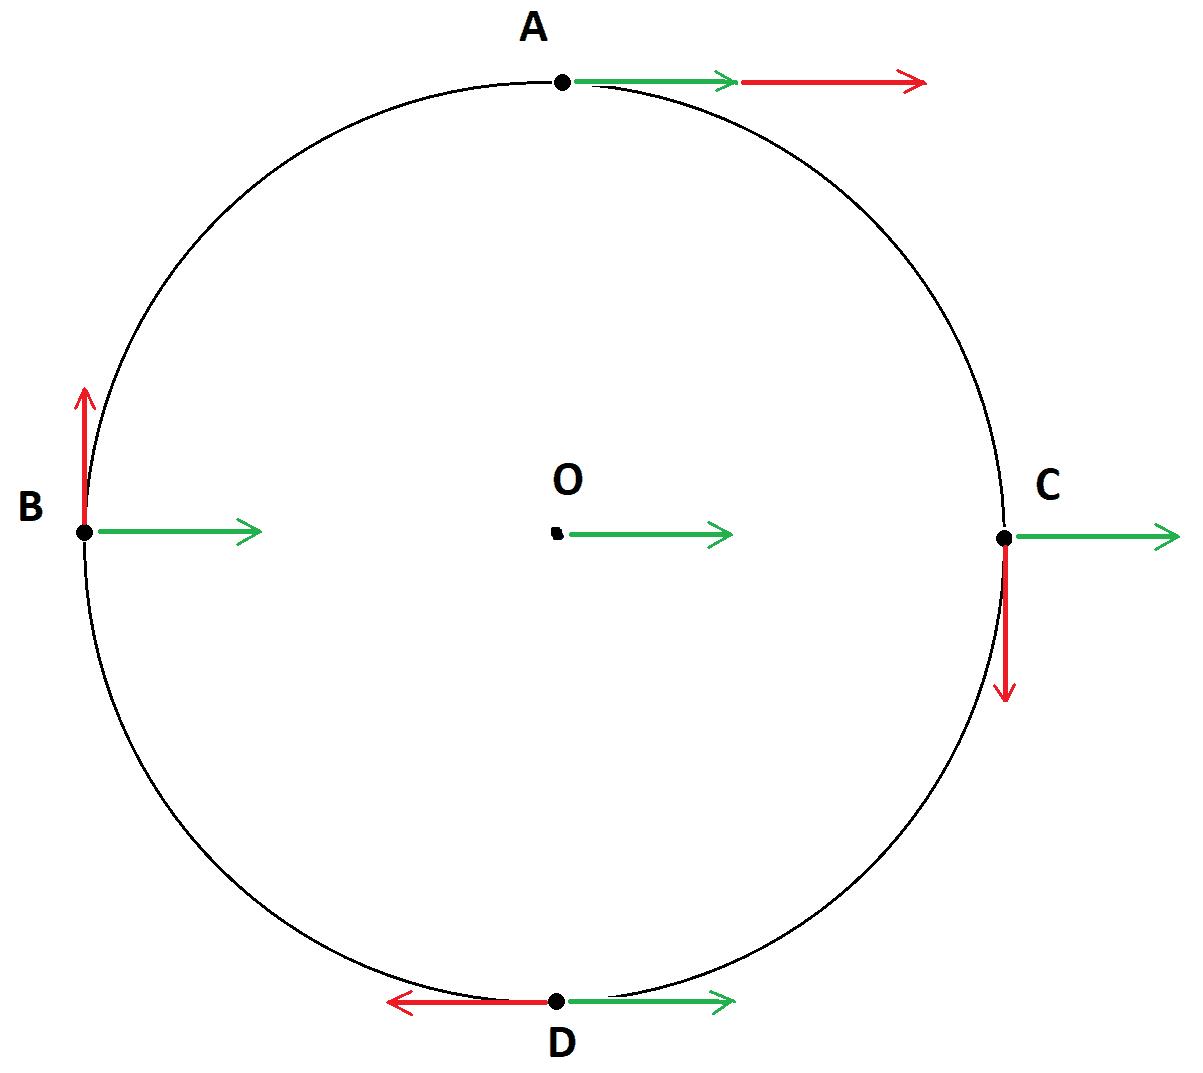 Em verde, estão a velocidade de translação,e em vermelho, a velocidade relativa de rotação, de mesmo módulo, porém direções diferentes em cada ponto